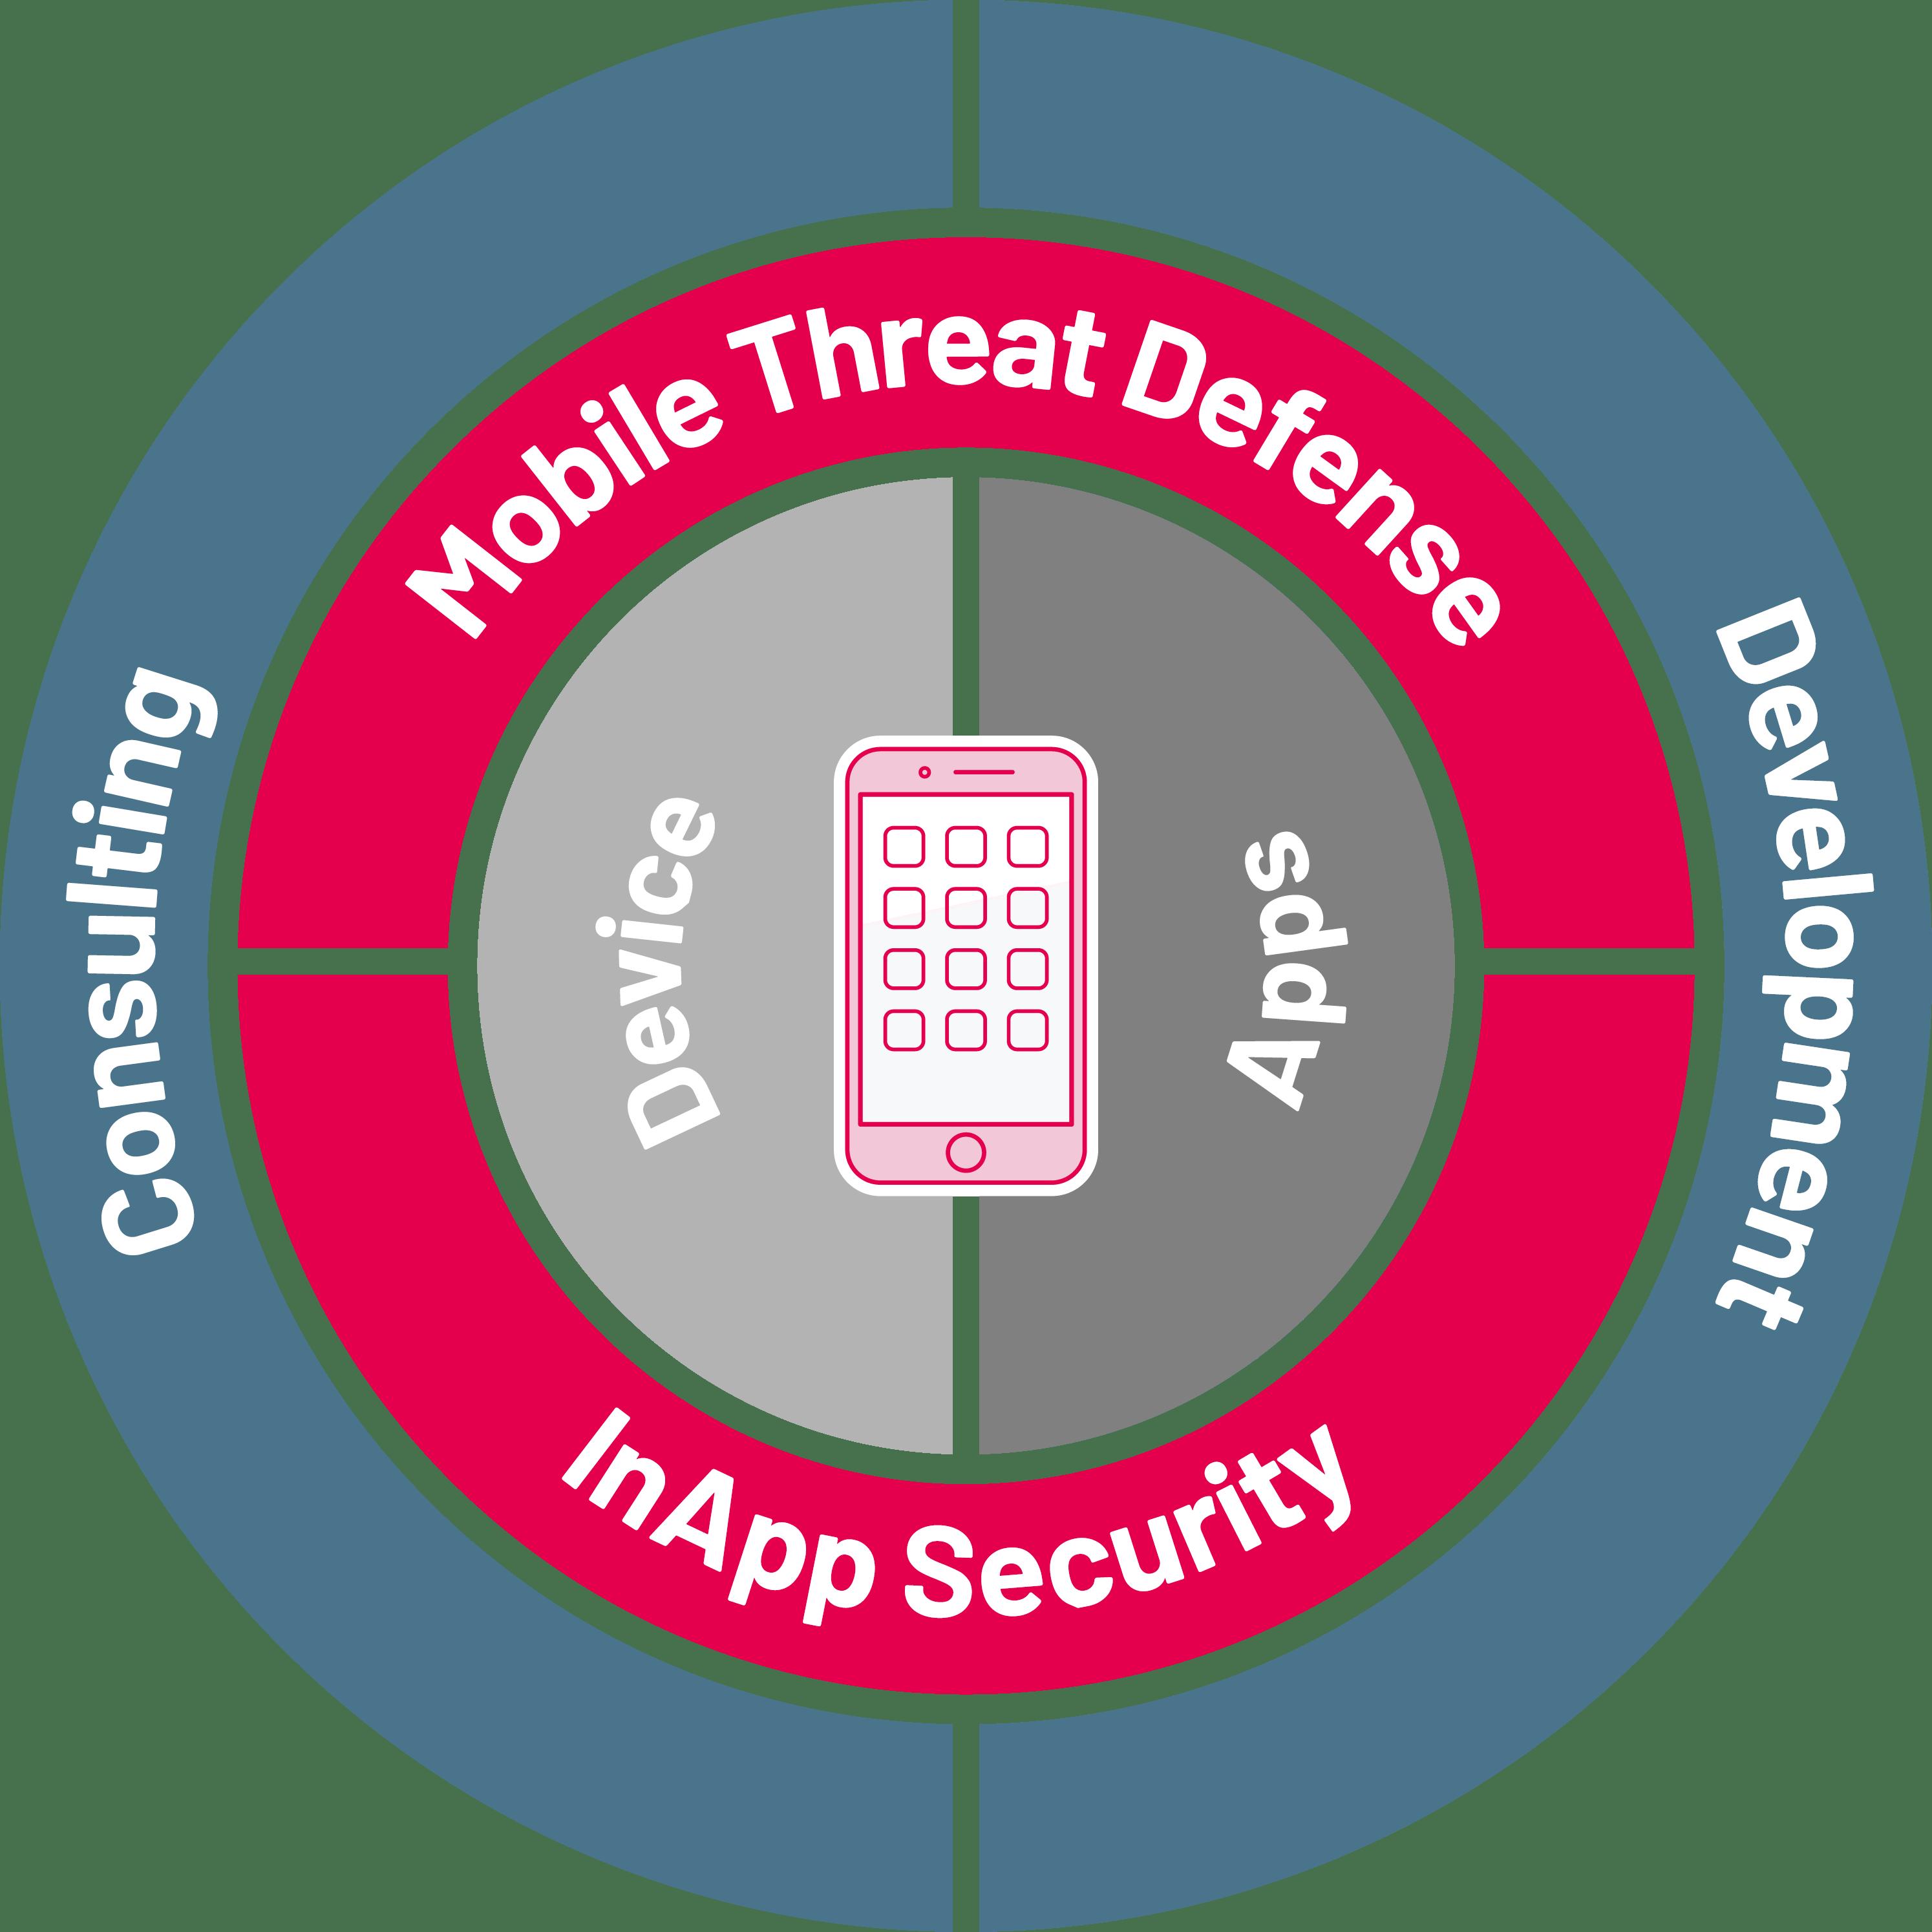 Secure Enterprise Apps erstellen durch die Experten der SYSTAG GmbH